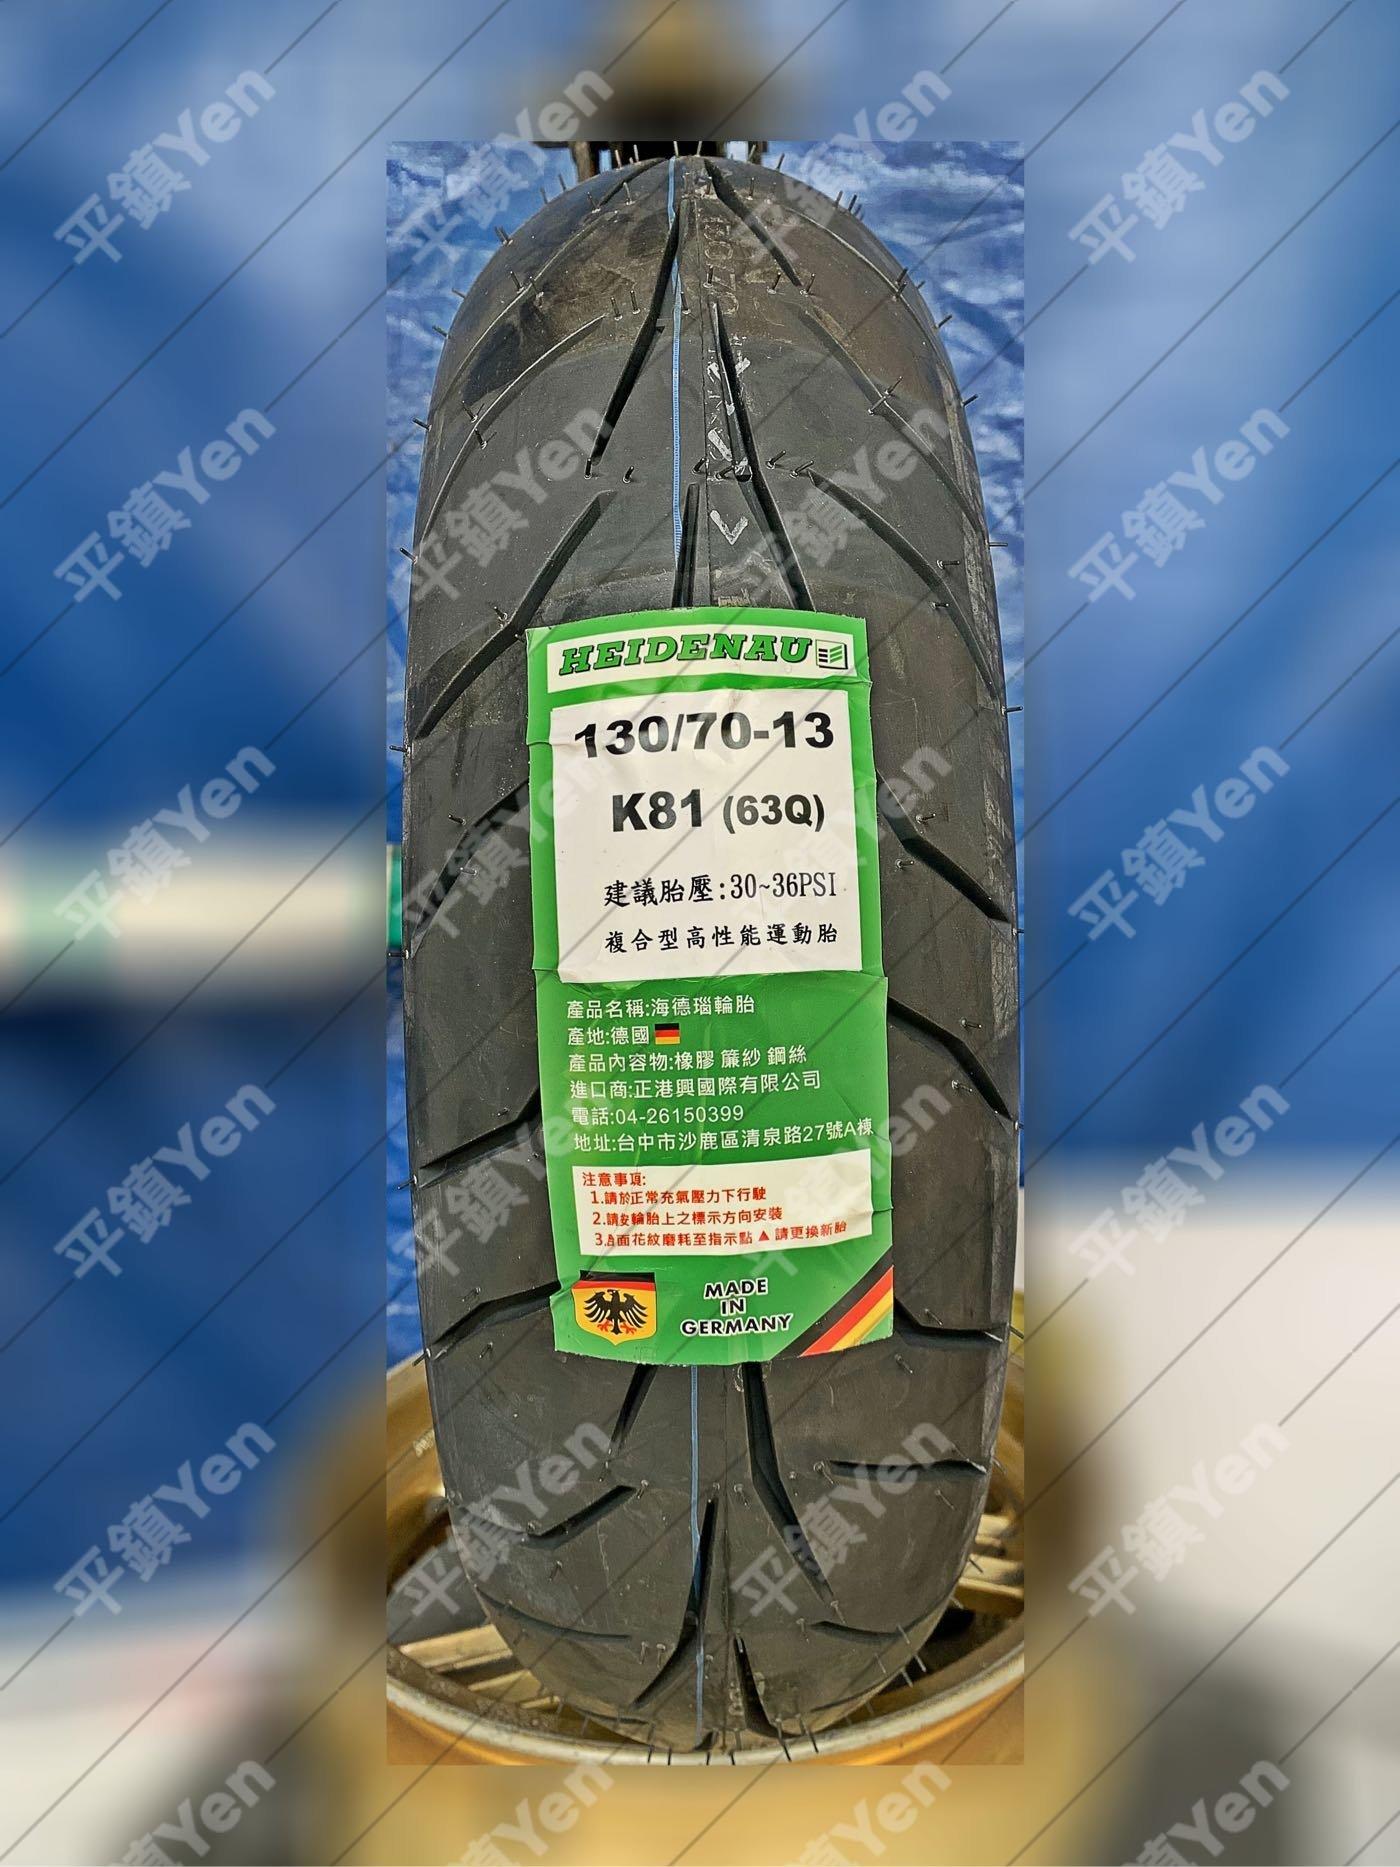 平鎮龍潭楊梅 海德瑙 K81 130/70-13 HEIDENAU